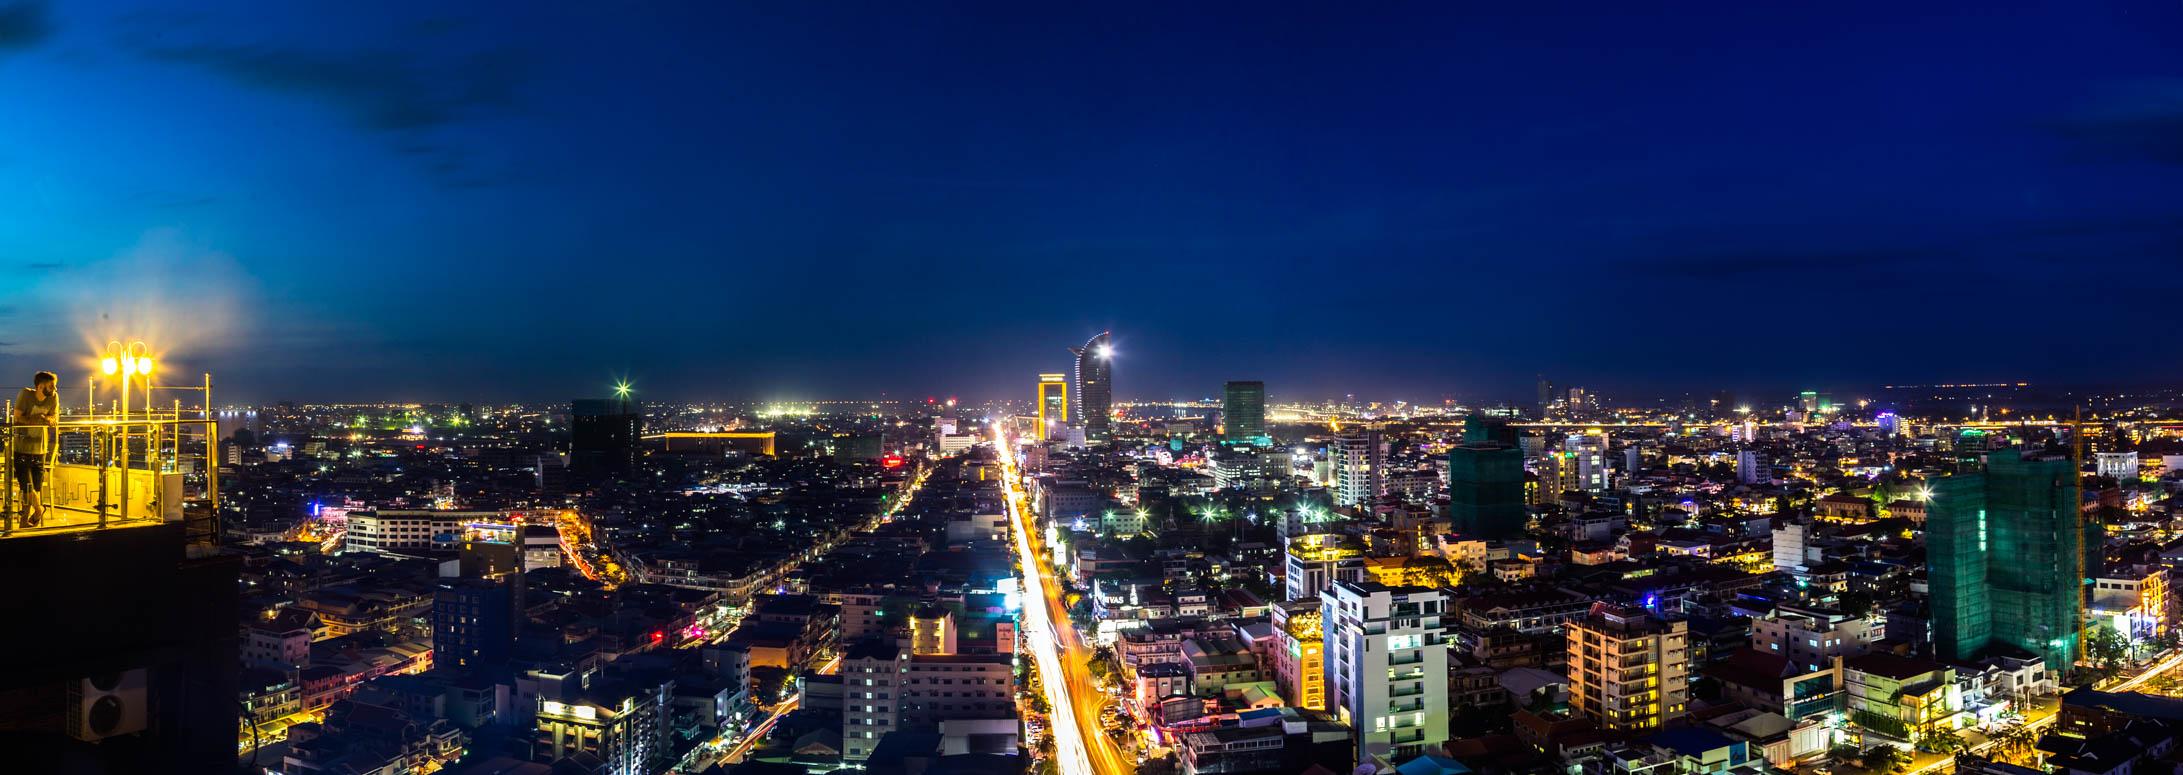 die Stadt bei Nacht